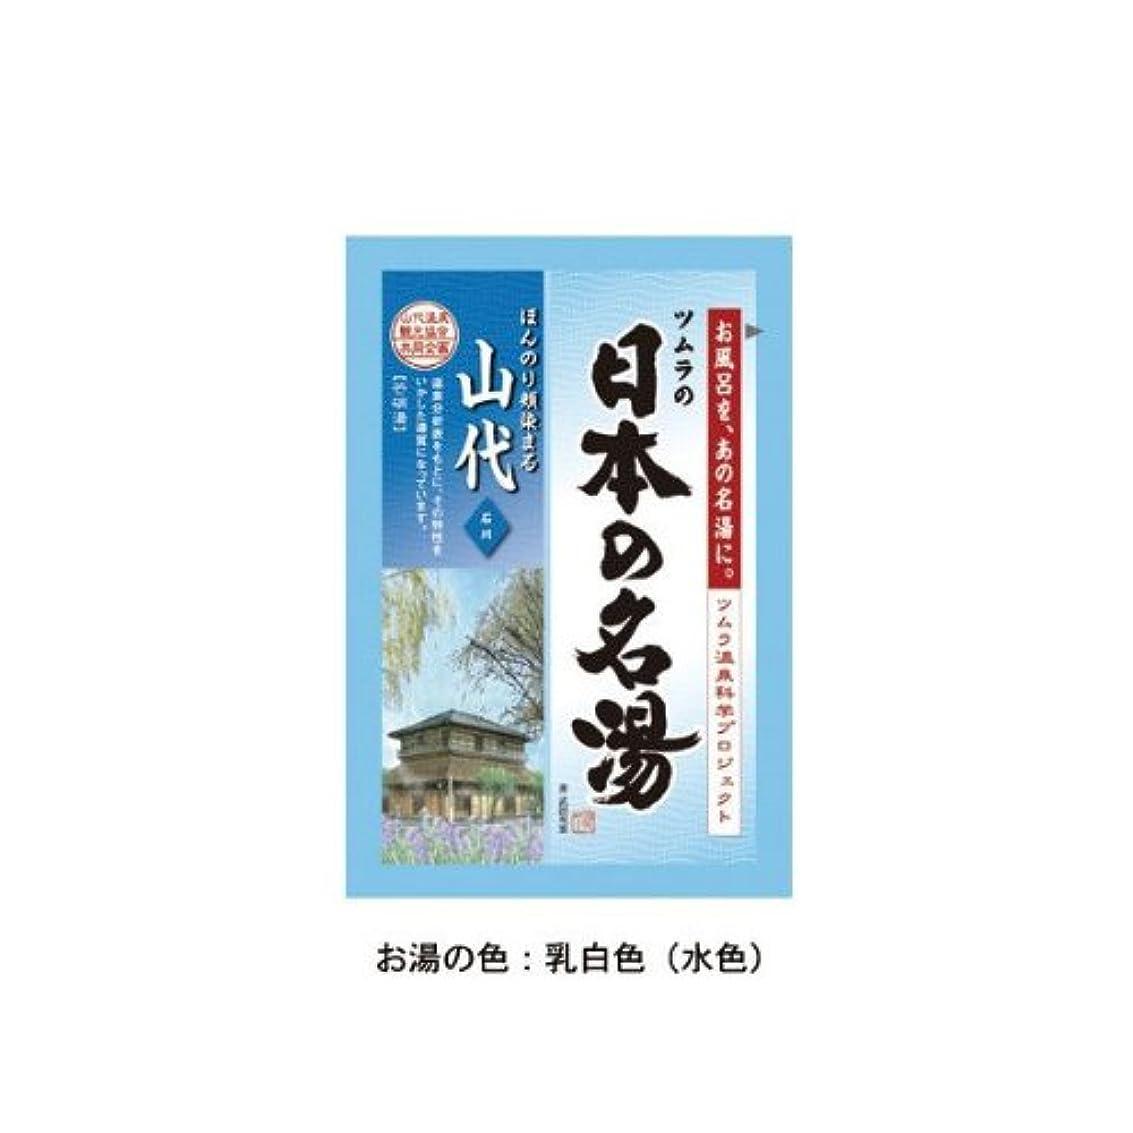 活性化用語集ハドルツムラの日本の名湯 山代